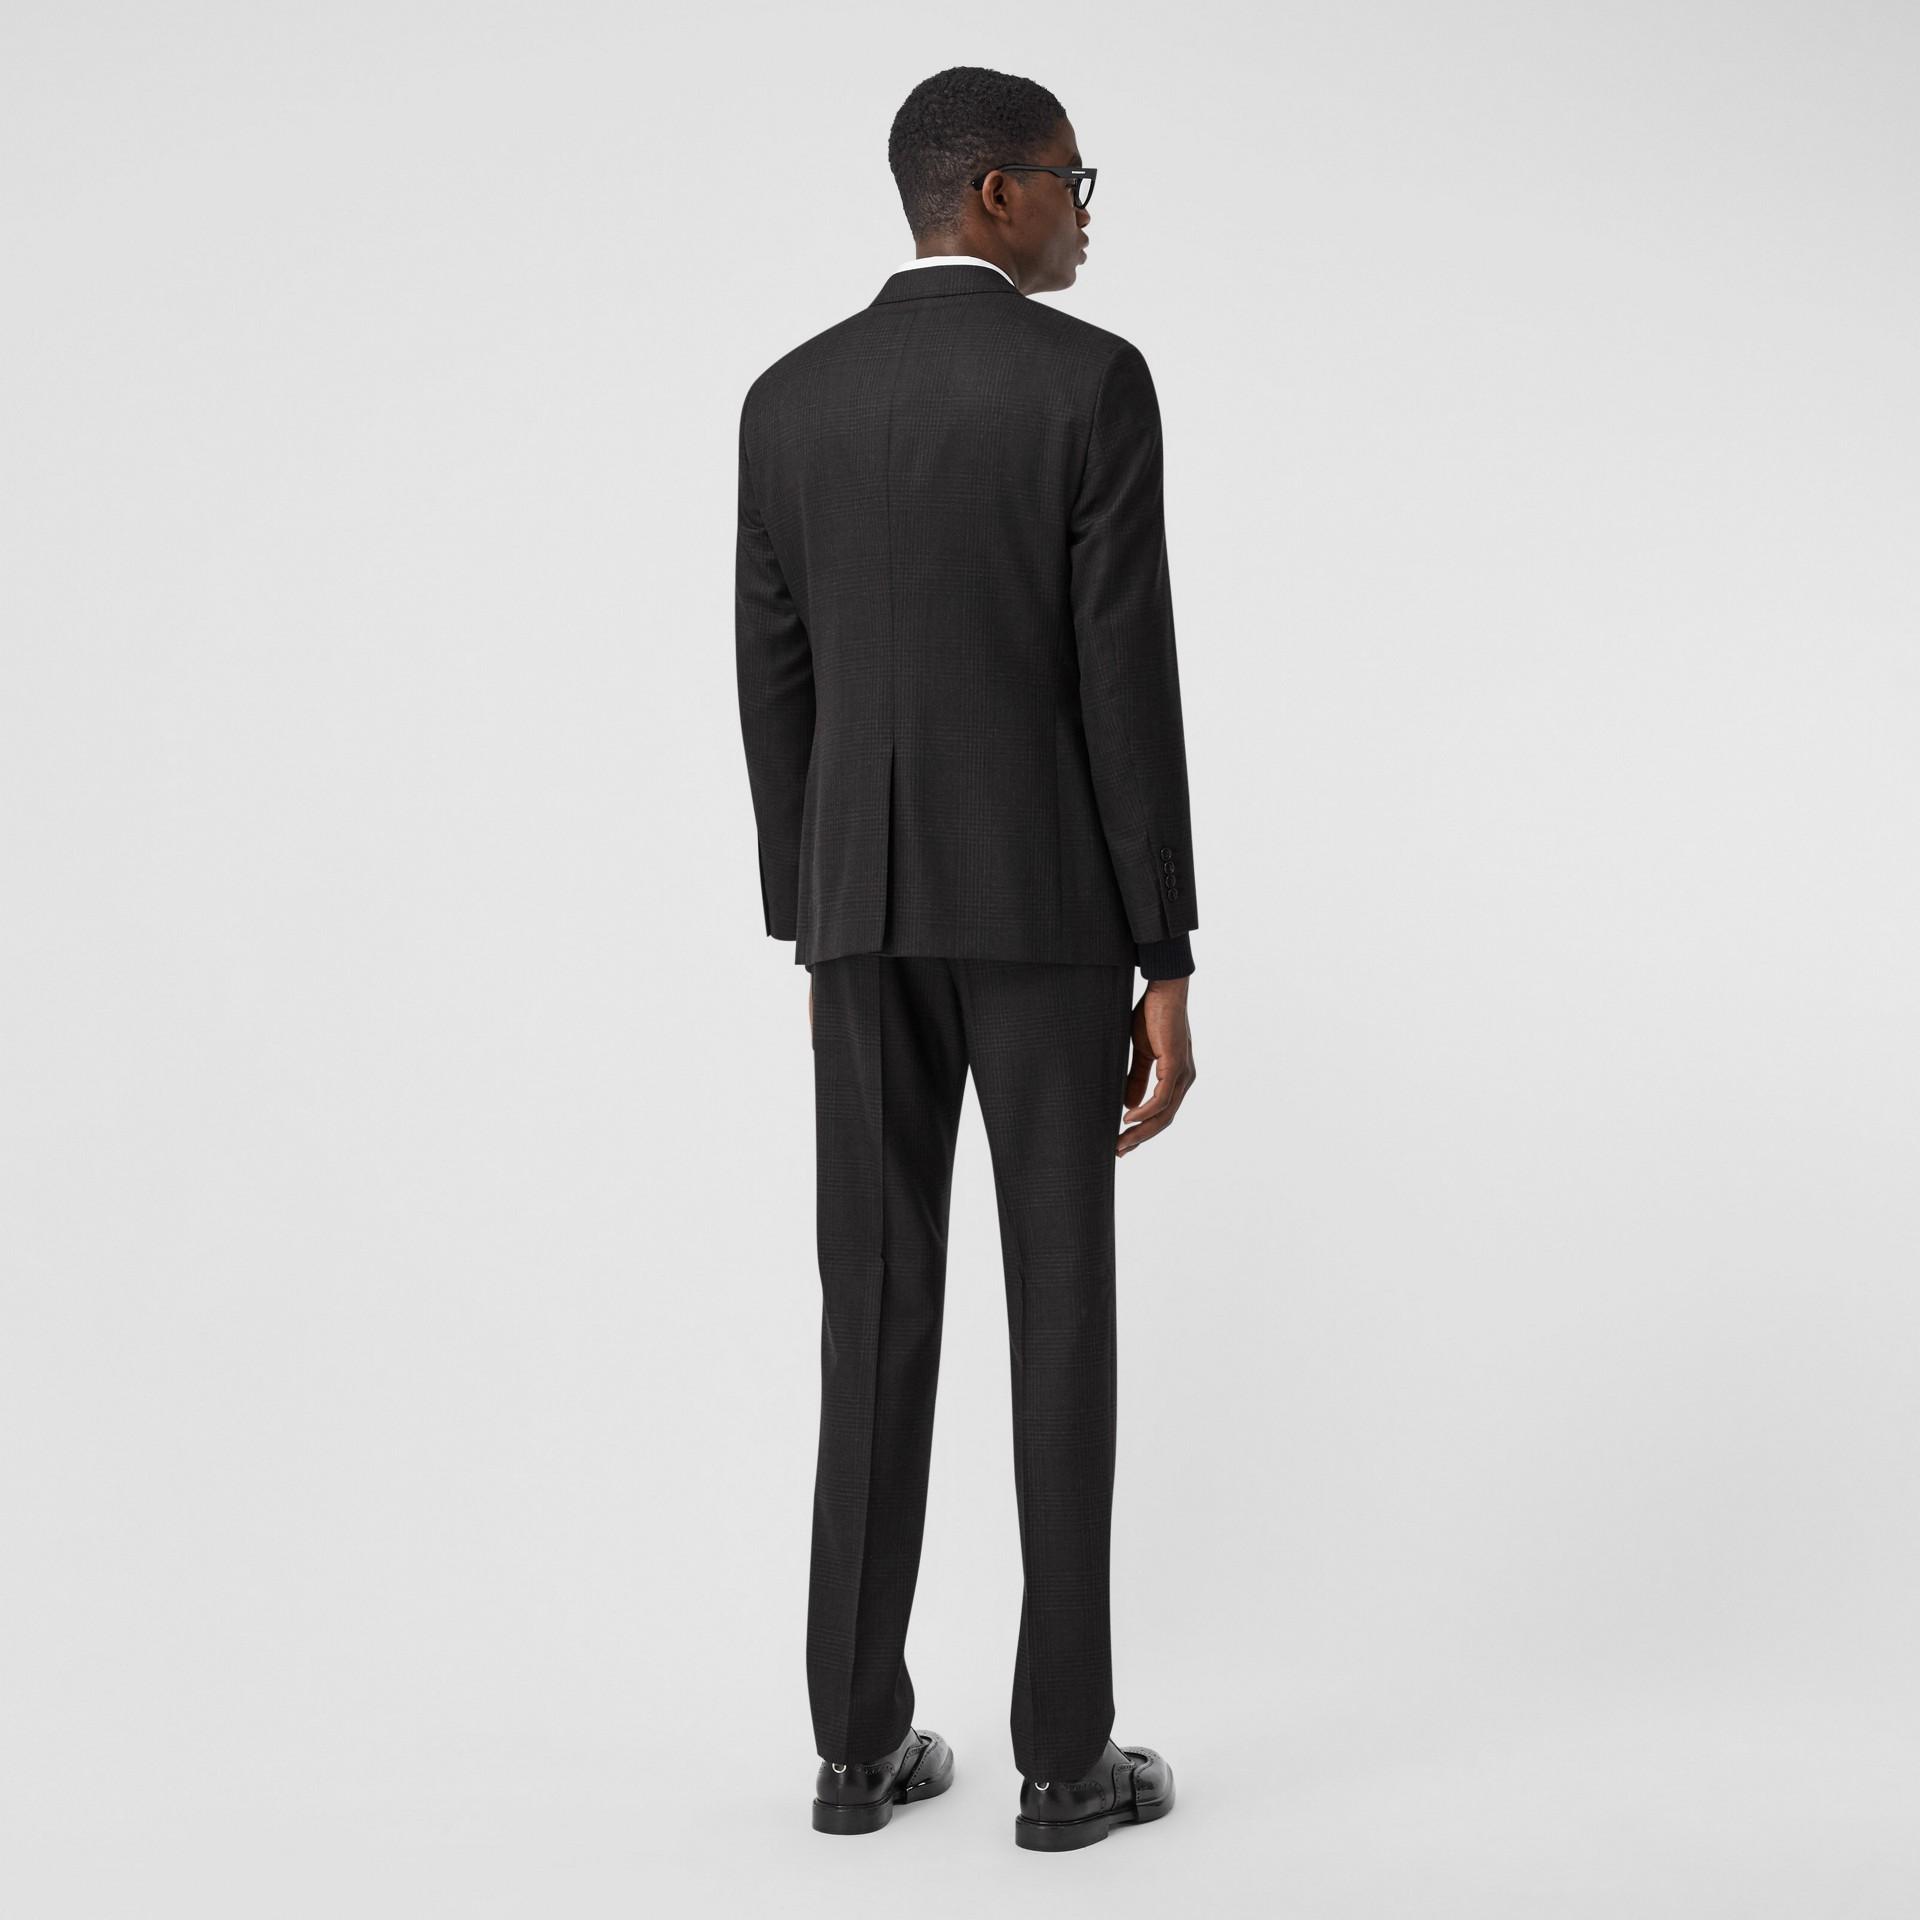 スリムフィット プリンス オブ ウェールズ チェック ウールスーツ (ダークグレー) - メンズ | バーバリー - ギャラリーイメージ 2